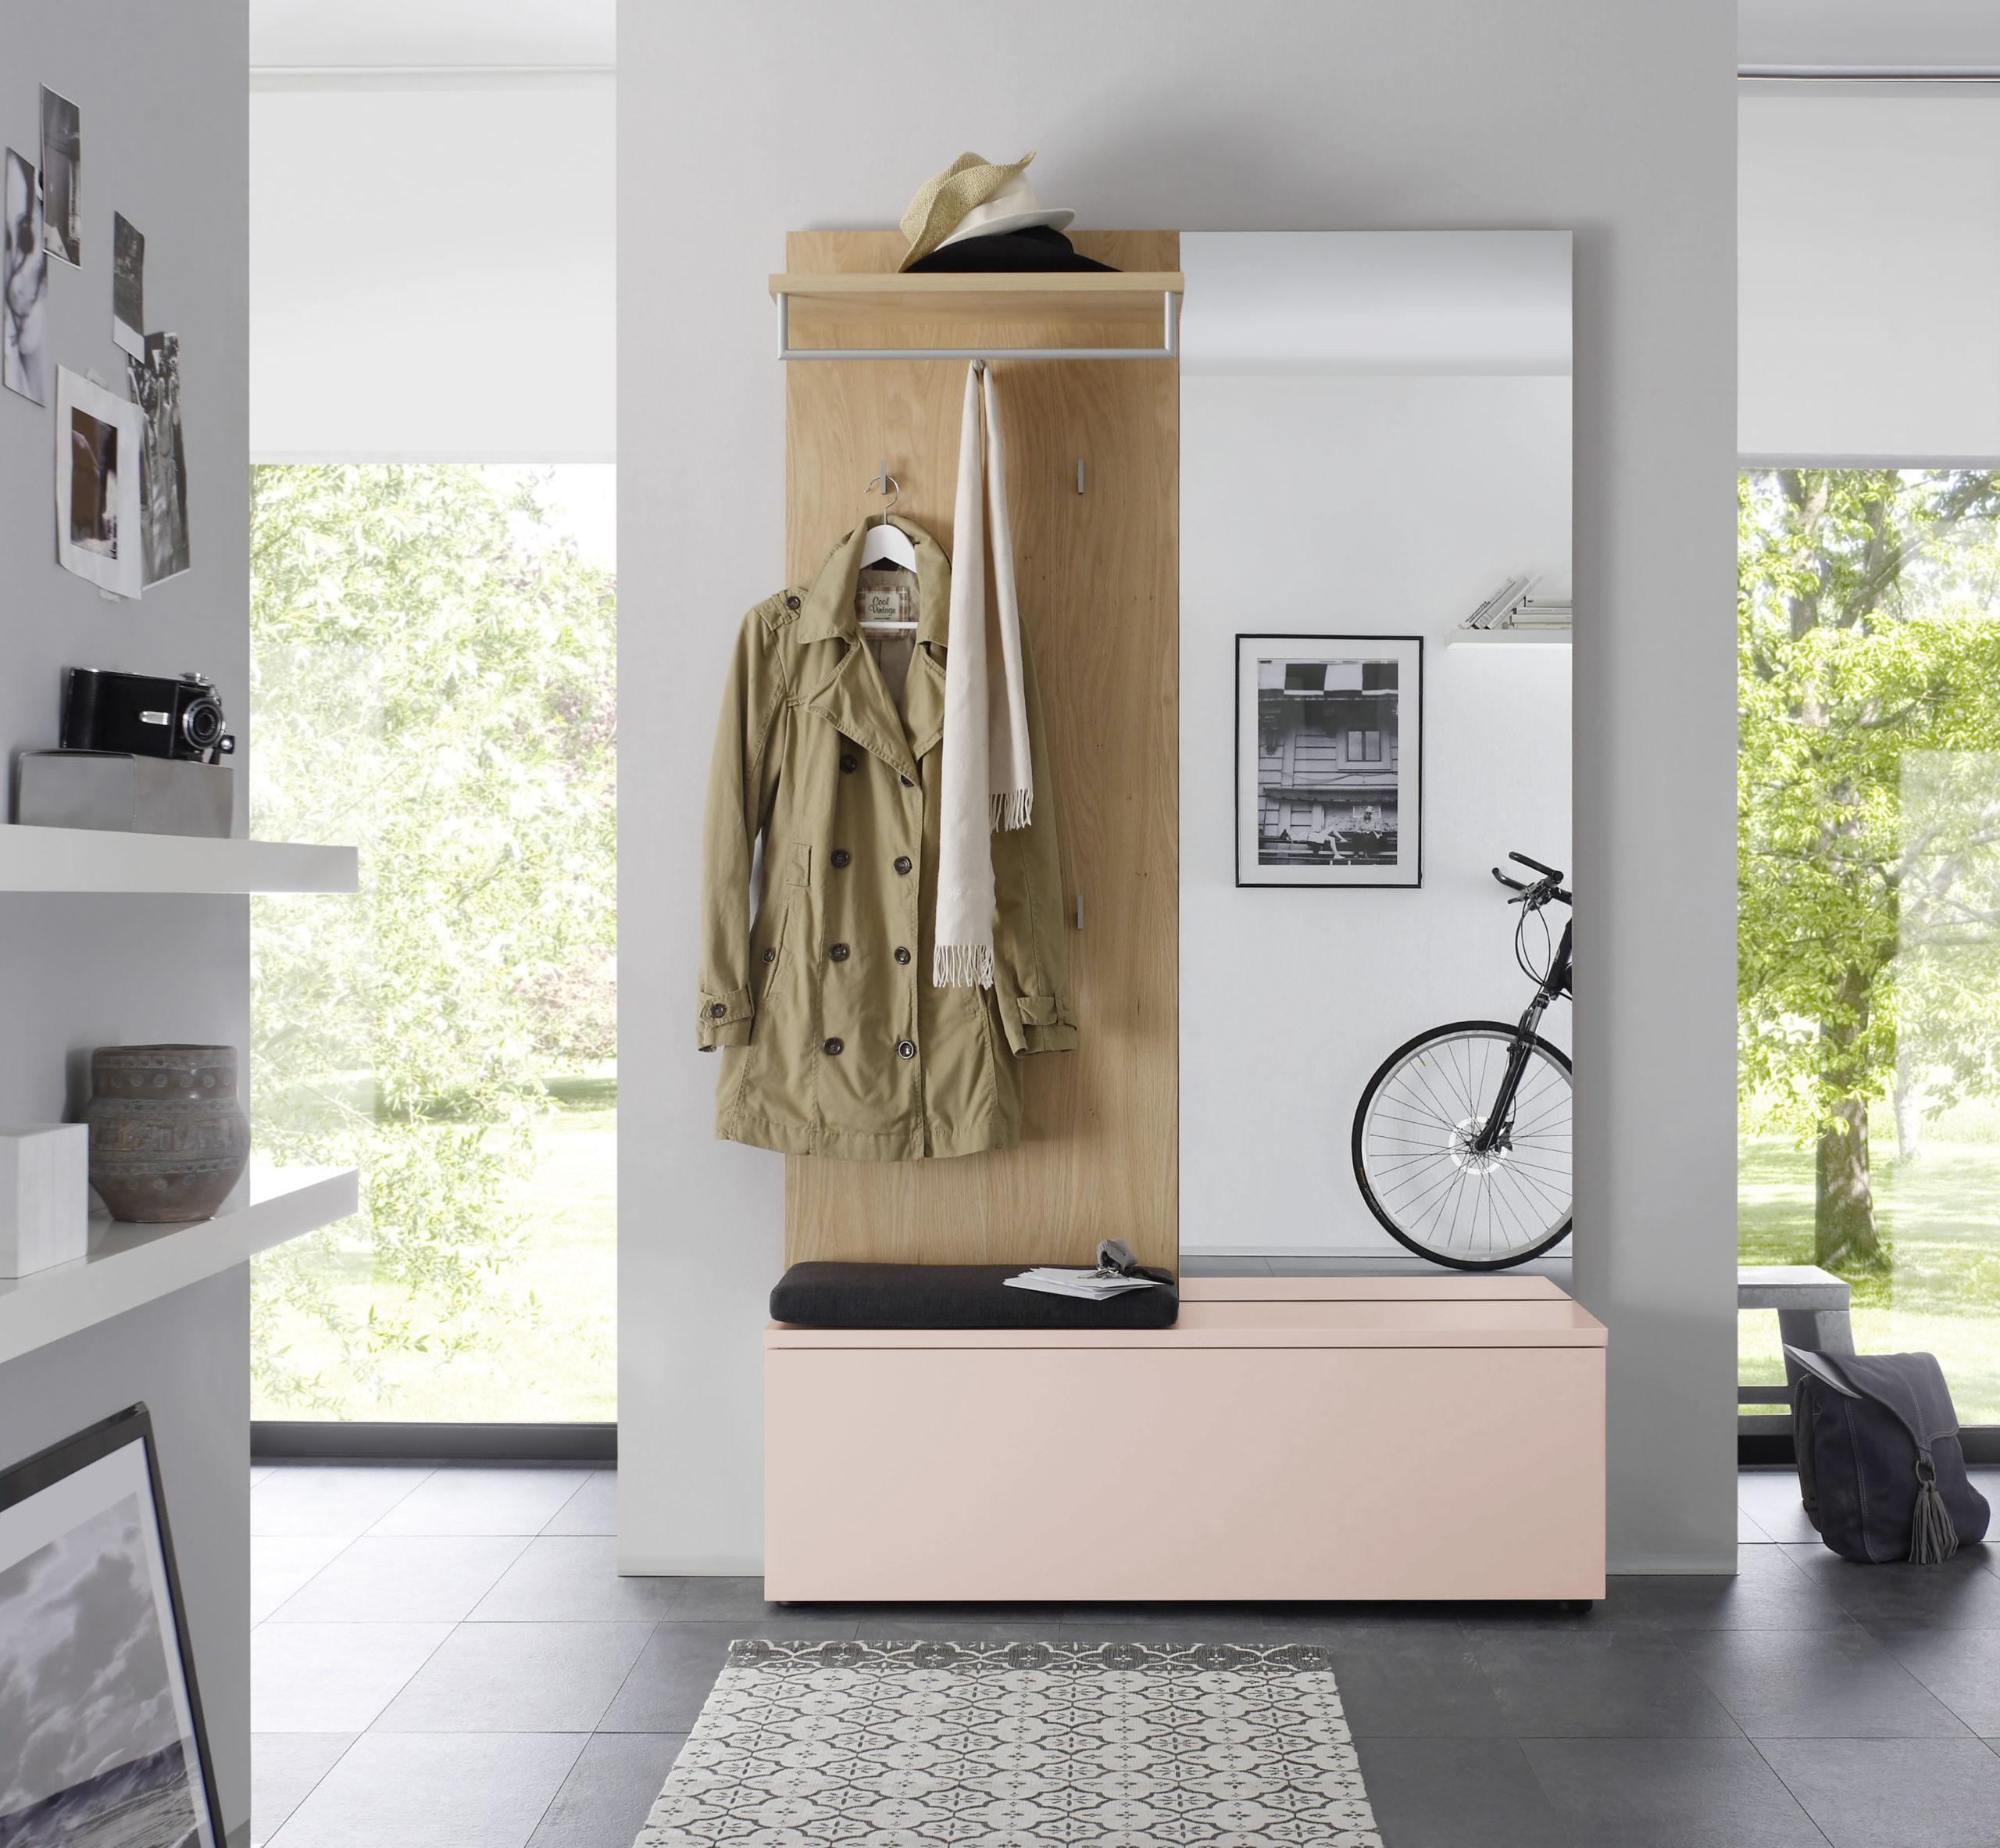 Sudbrock TANDO Garderobe in der Ausführung Ethno Eiche, Lack antik rosa #481